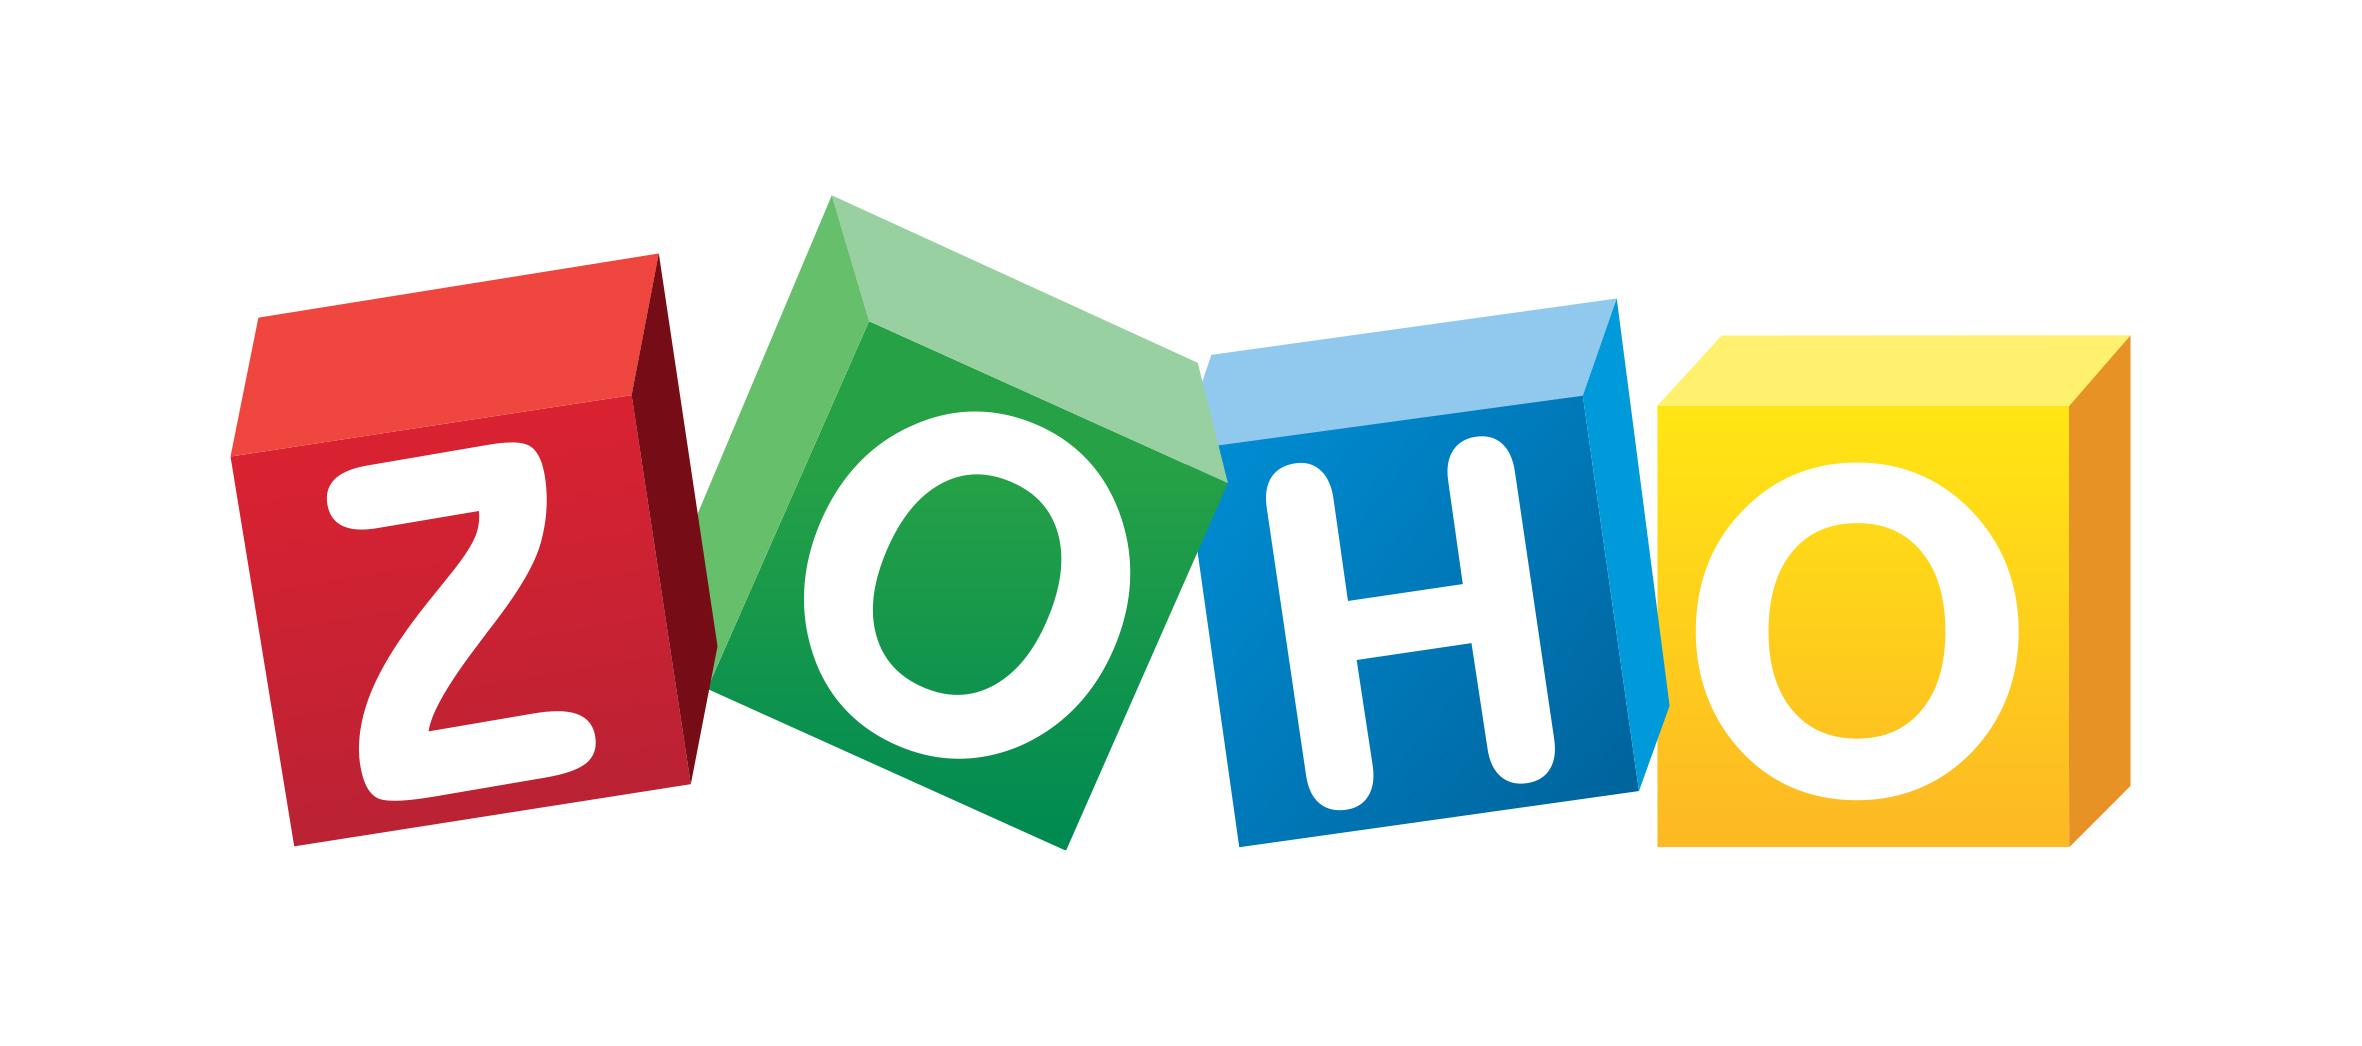 Integrating with Zoho.com CRM.